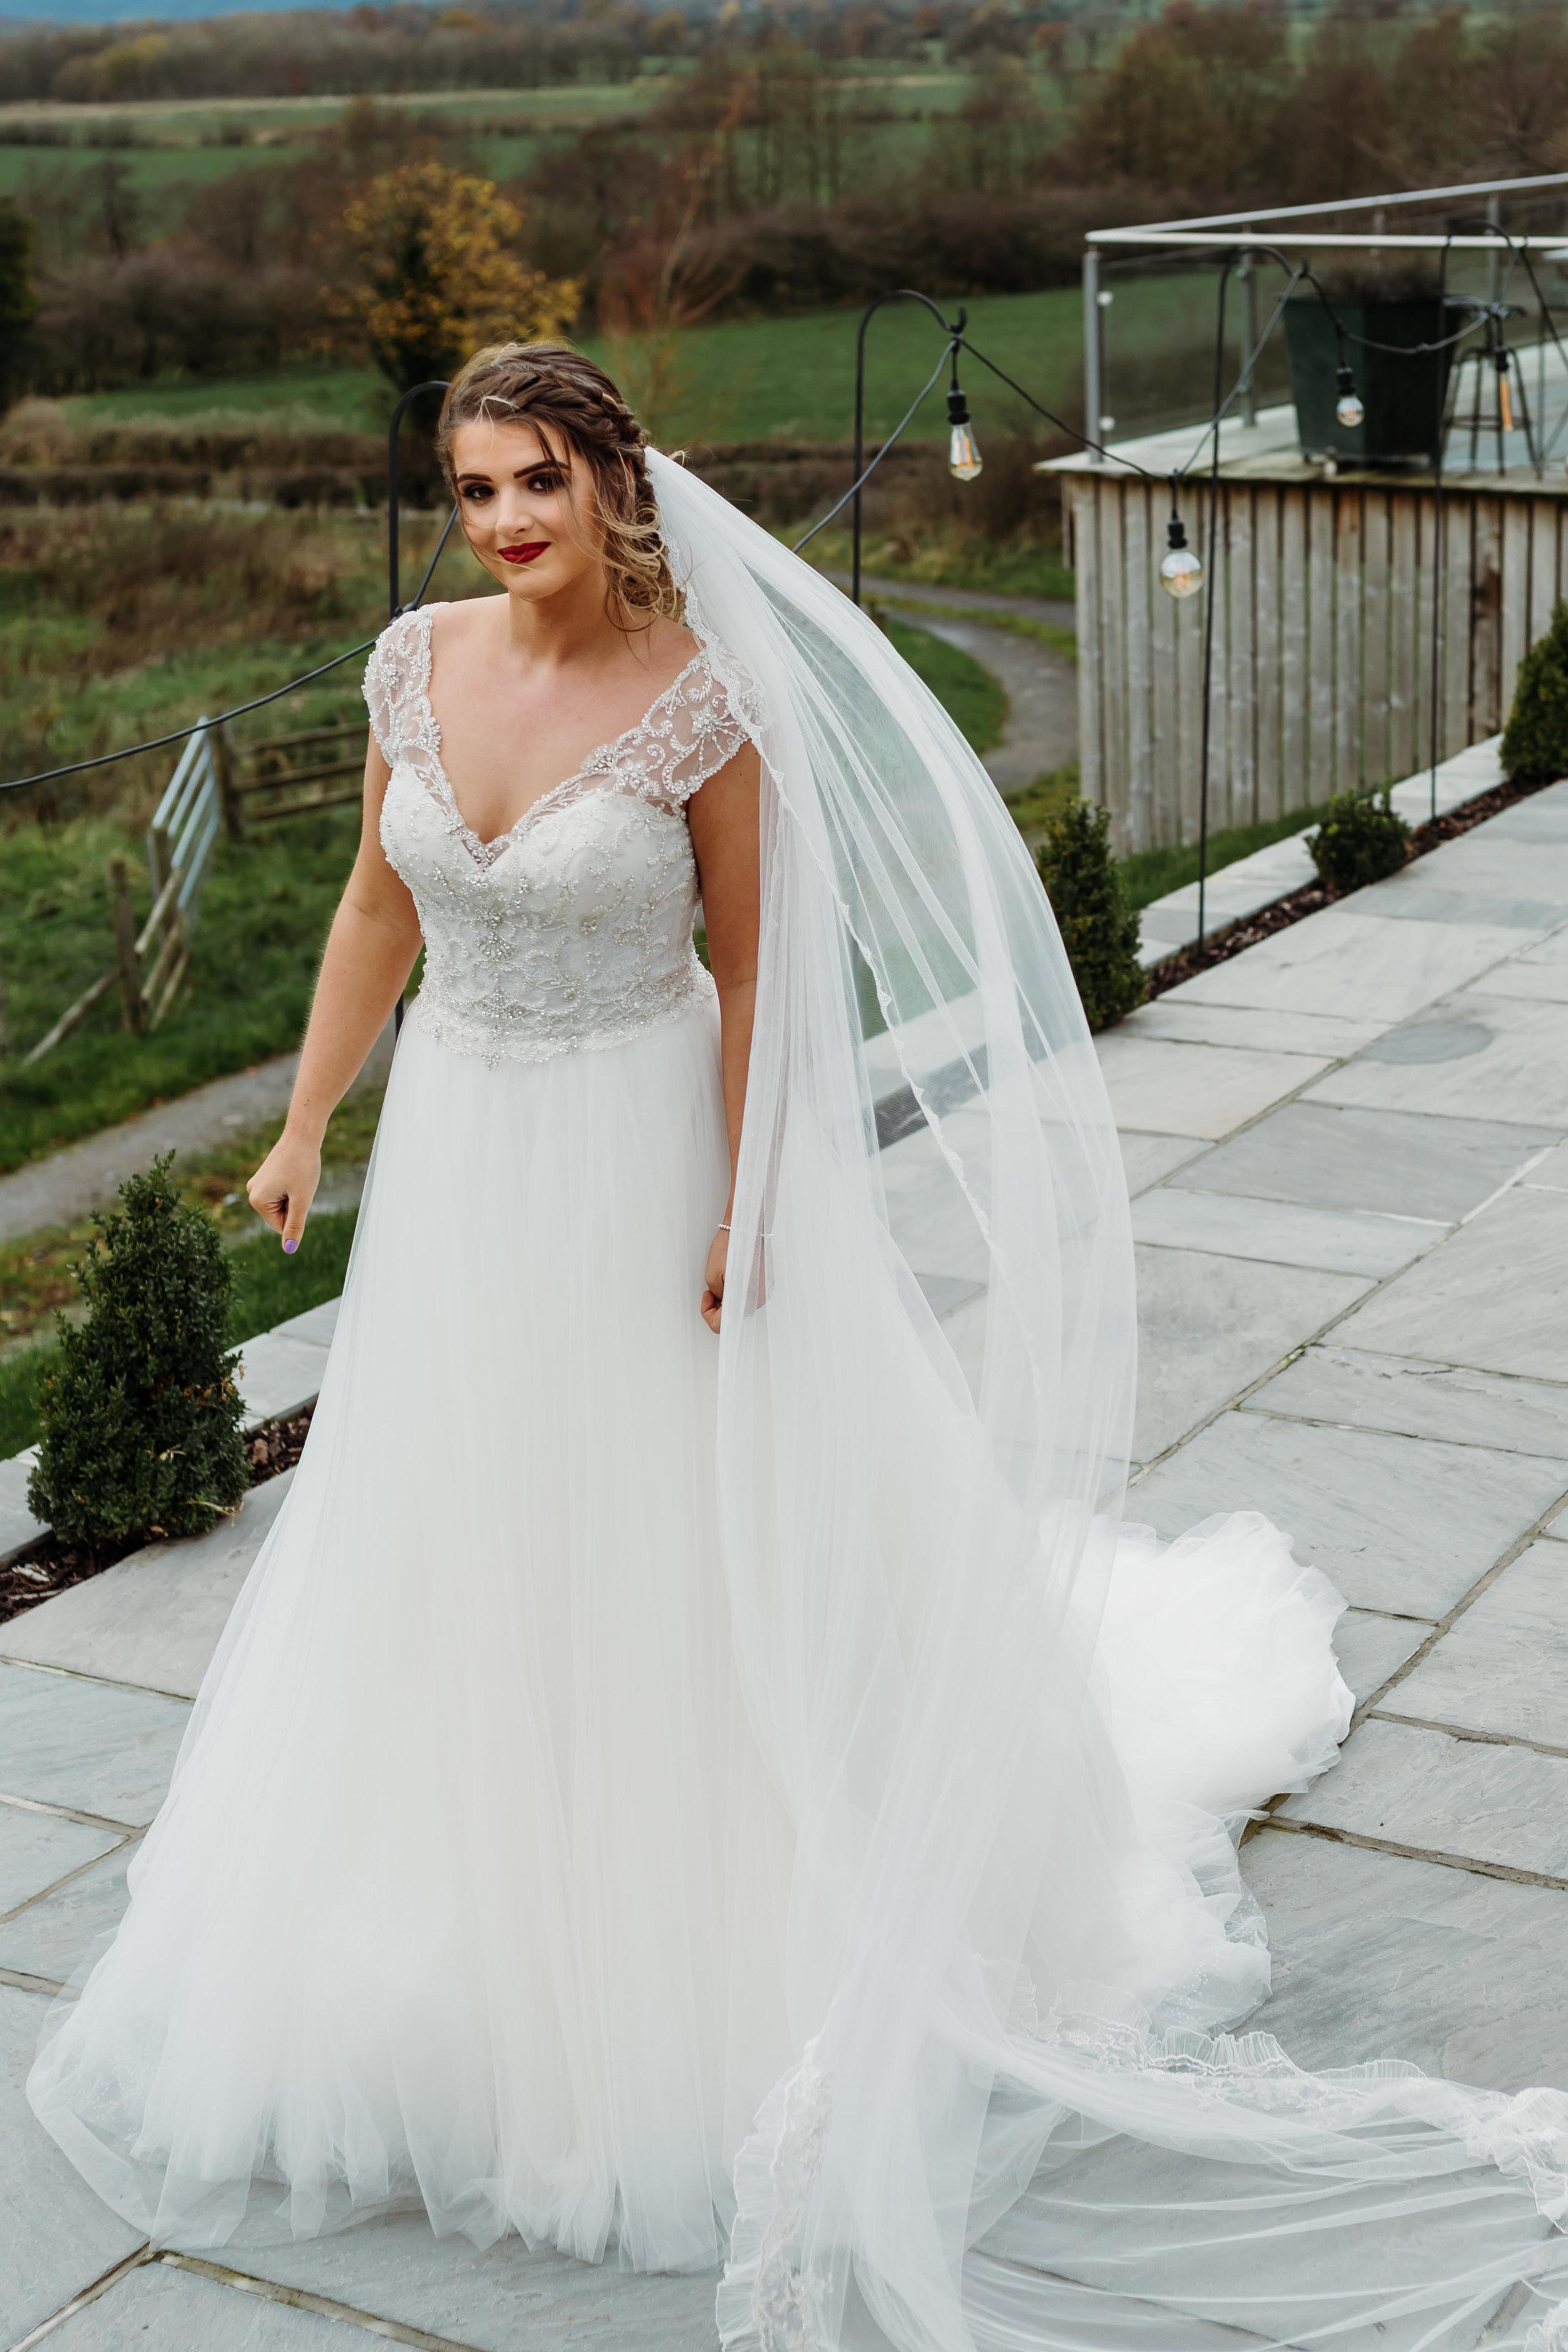 Lancashire wedding - clitheroe